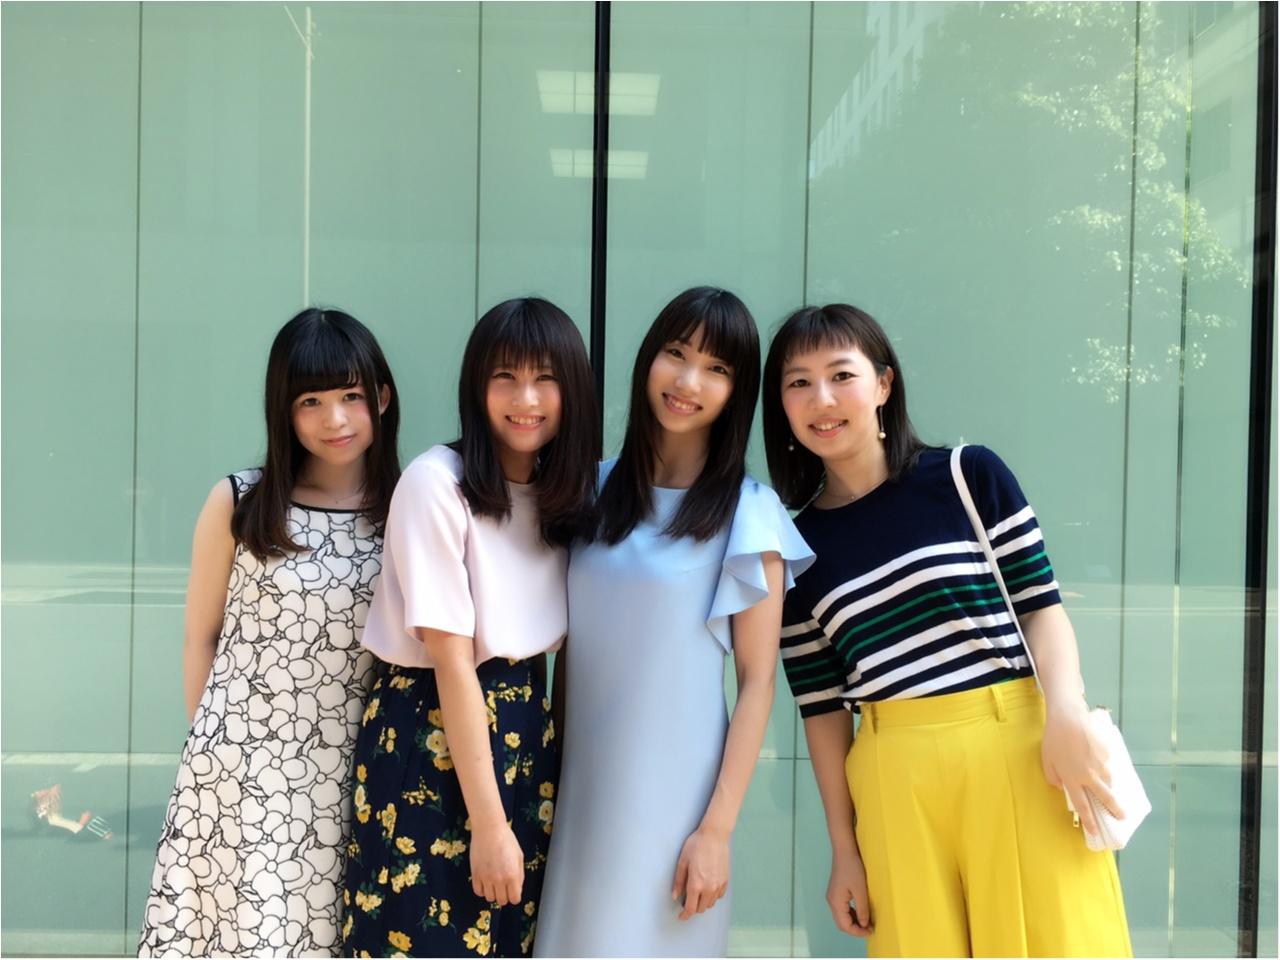 初夏におすすめしたい♡3つのコーデをご紹介しちゃいます!_4